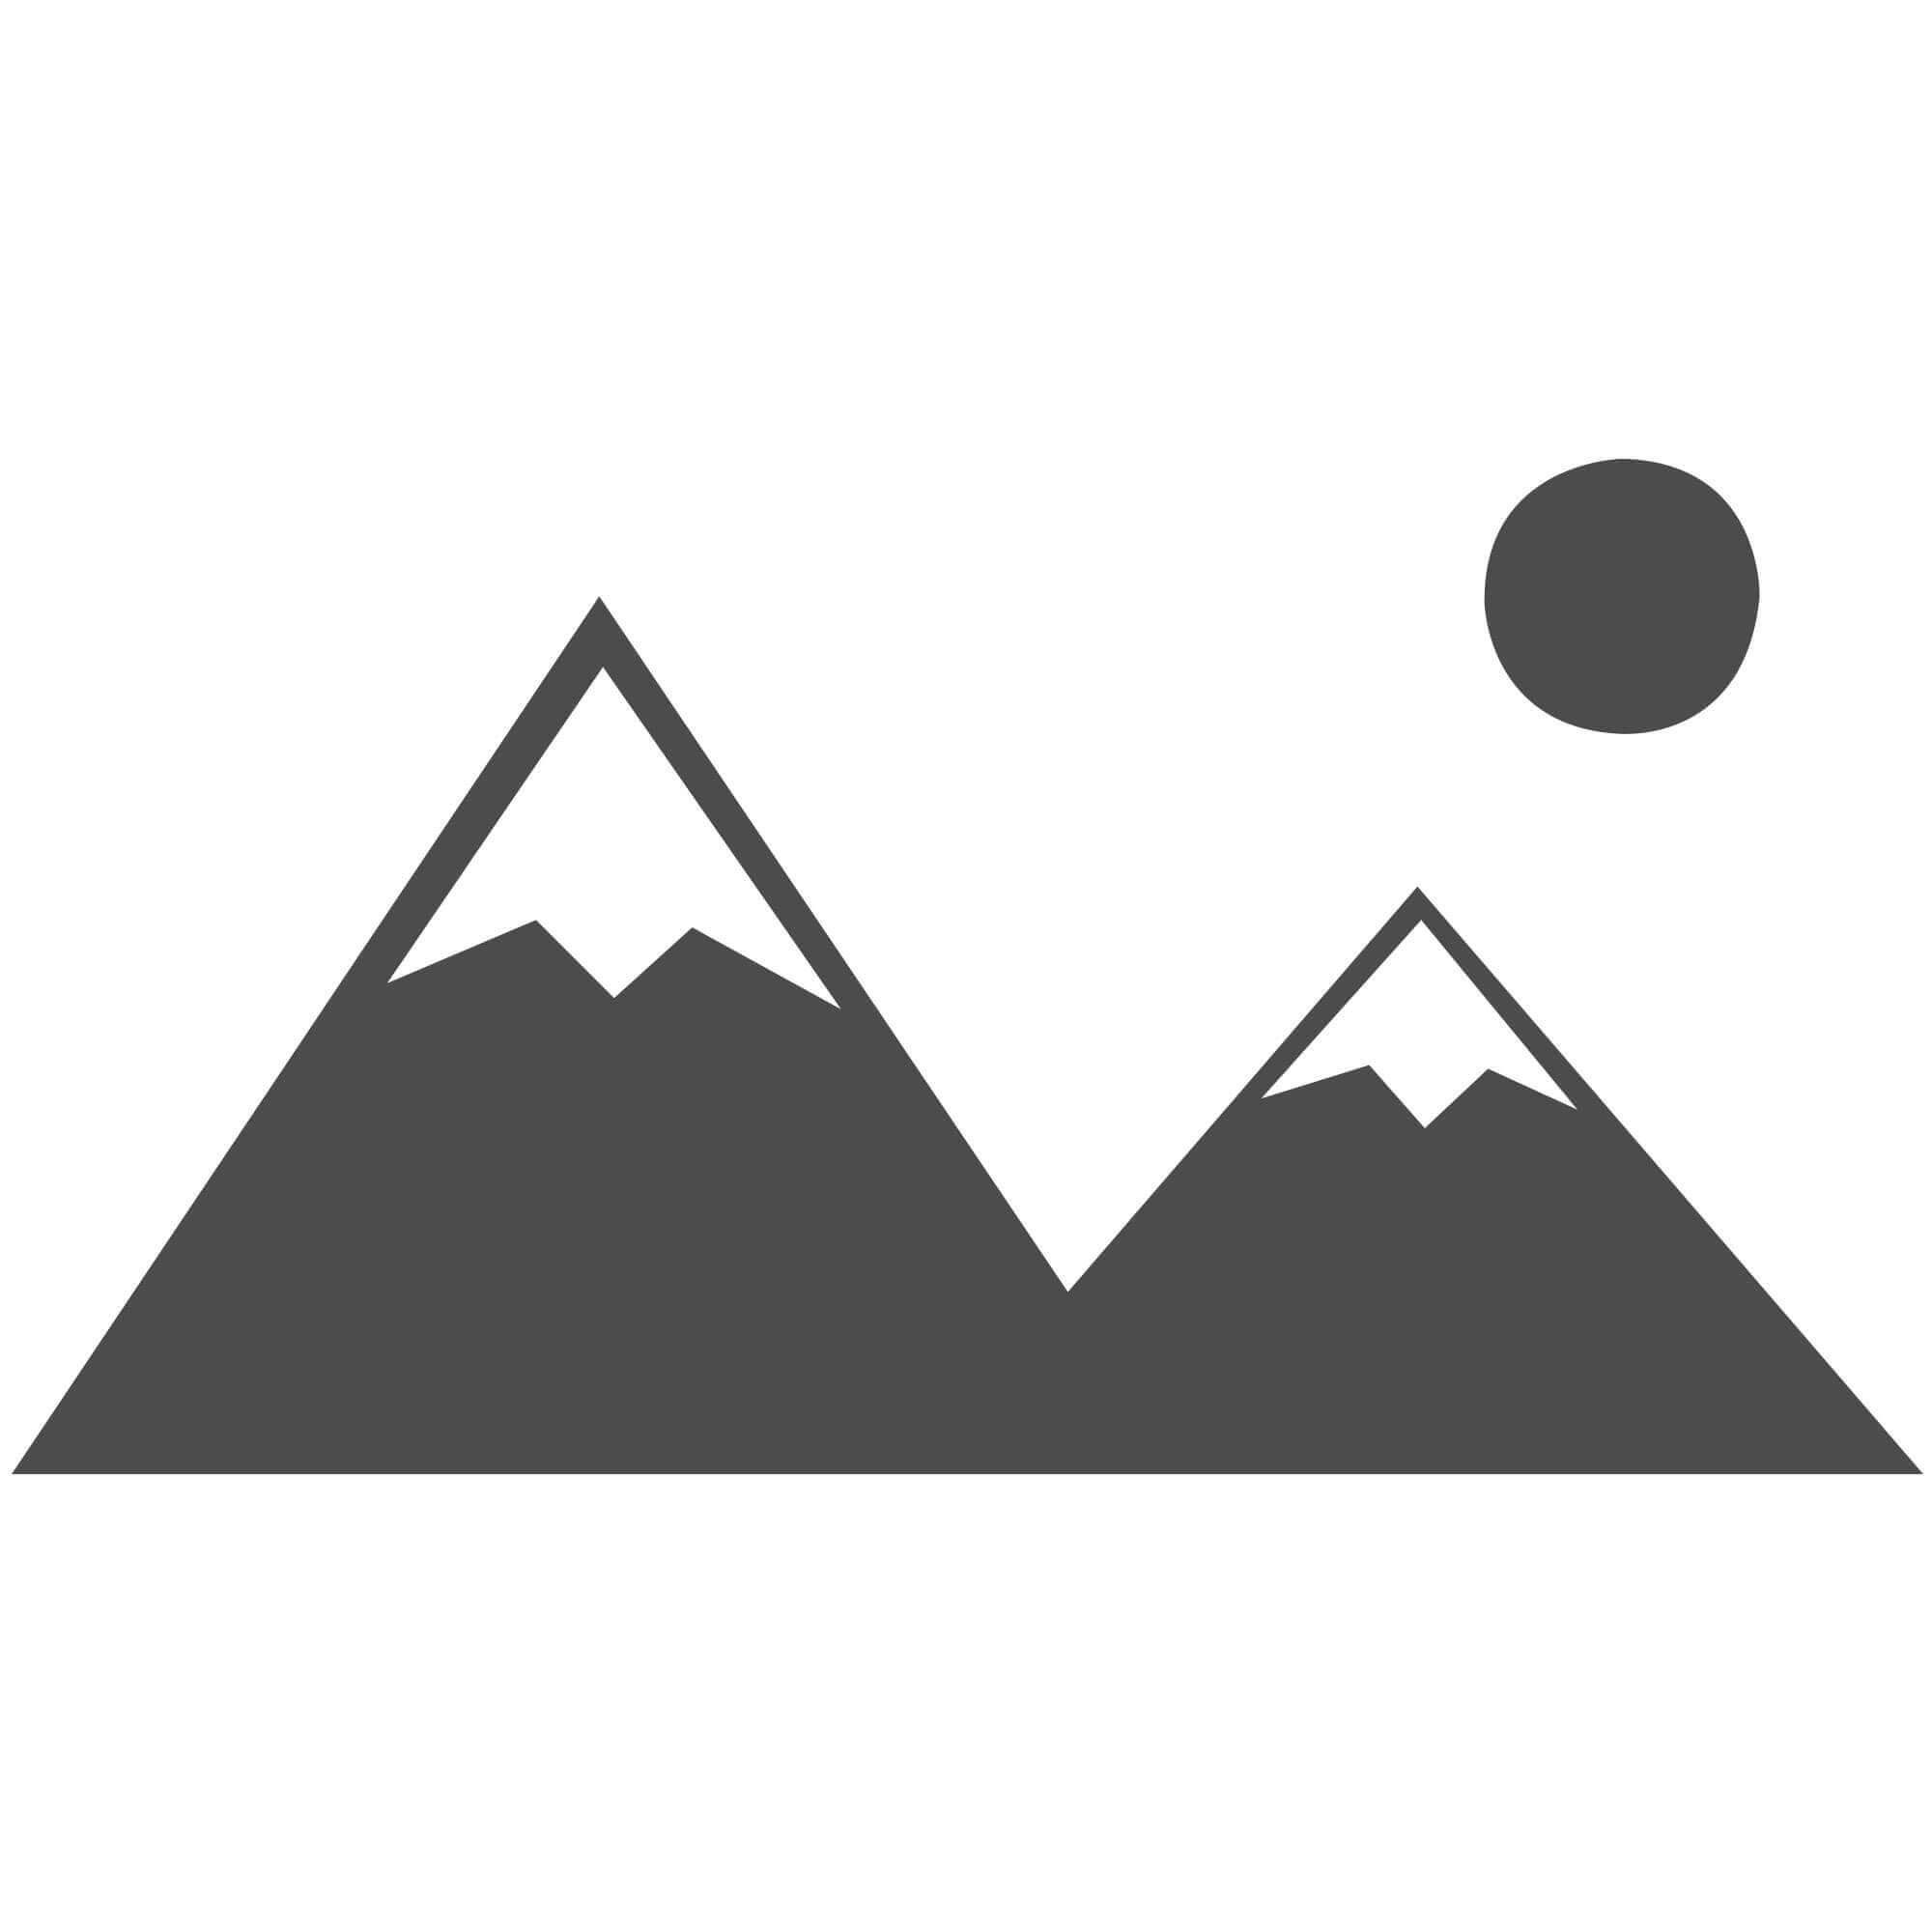 Vision Trimline TL73 Room Divider  #FPW